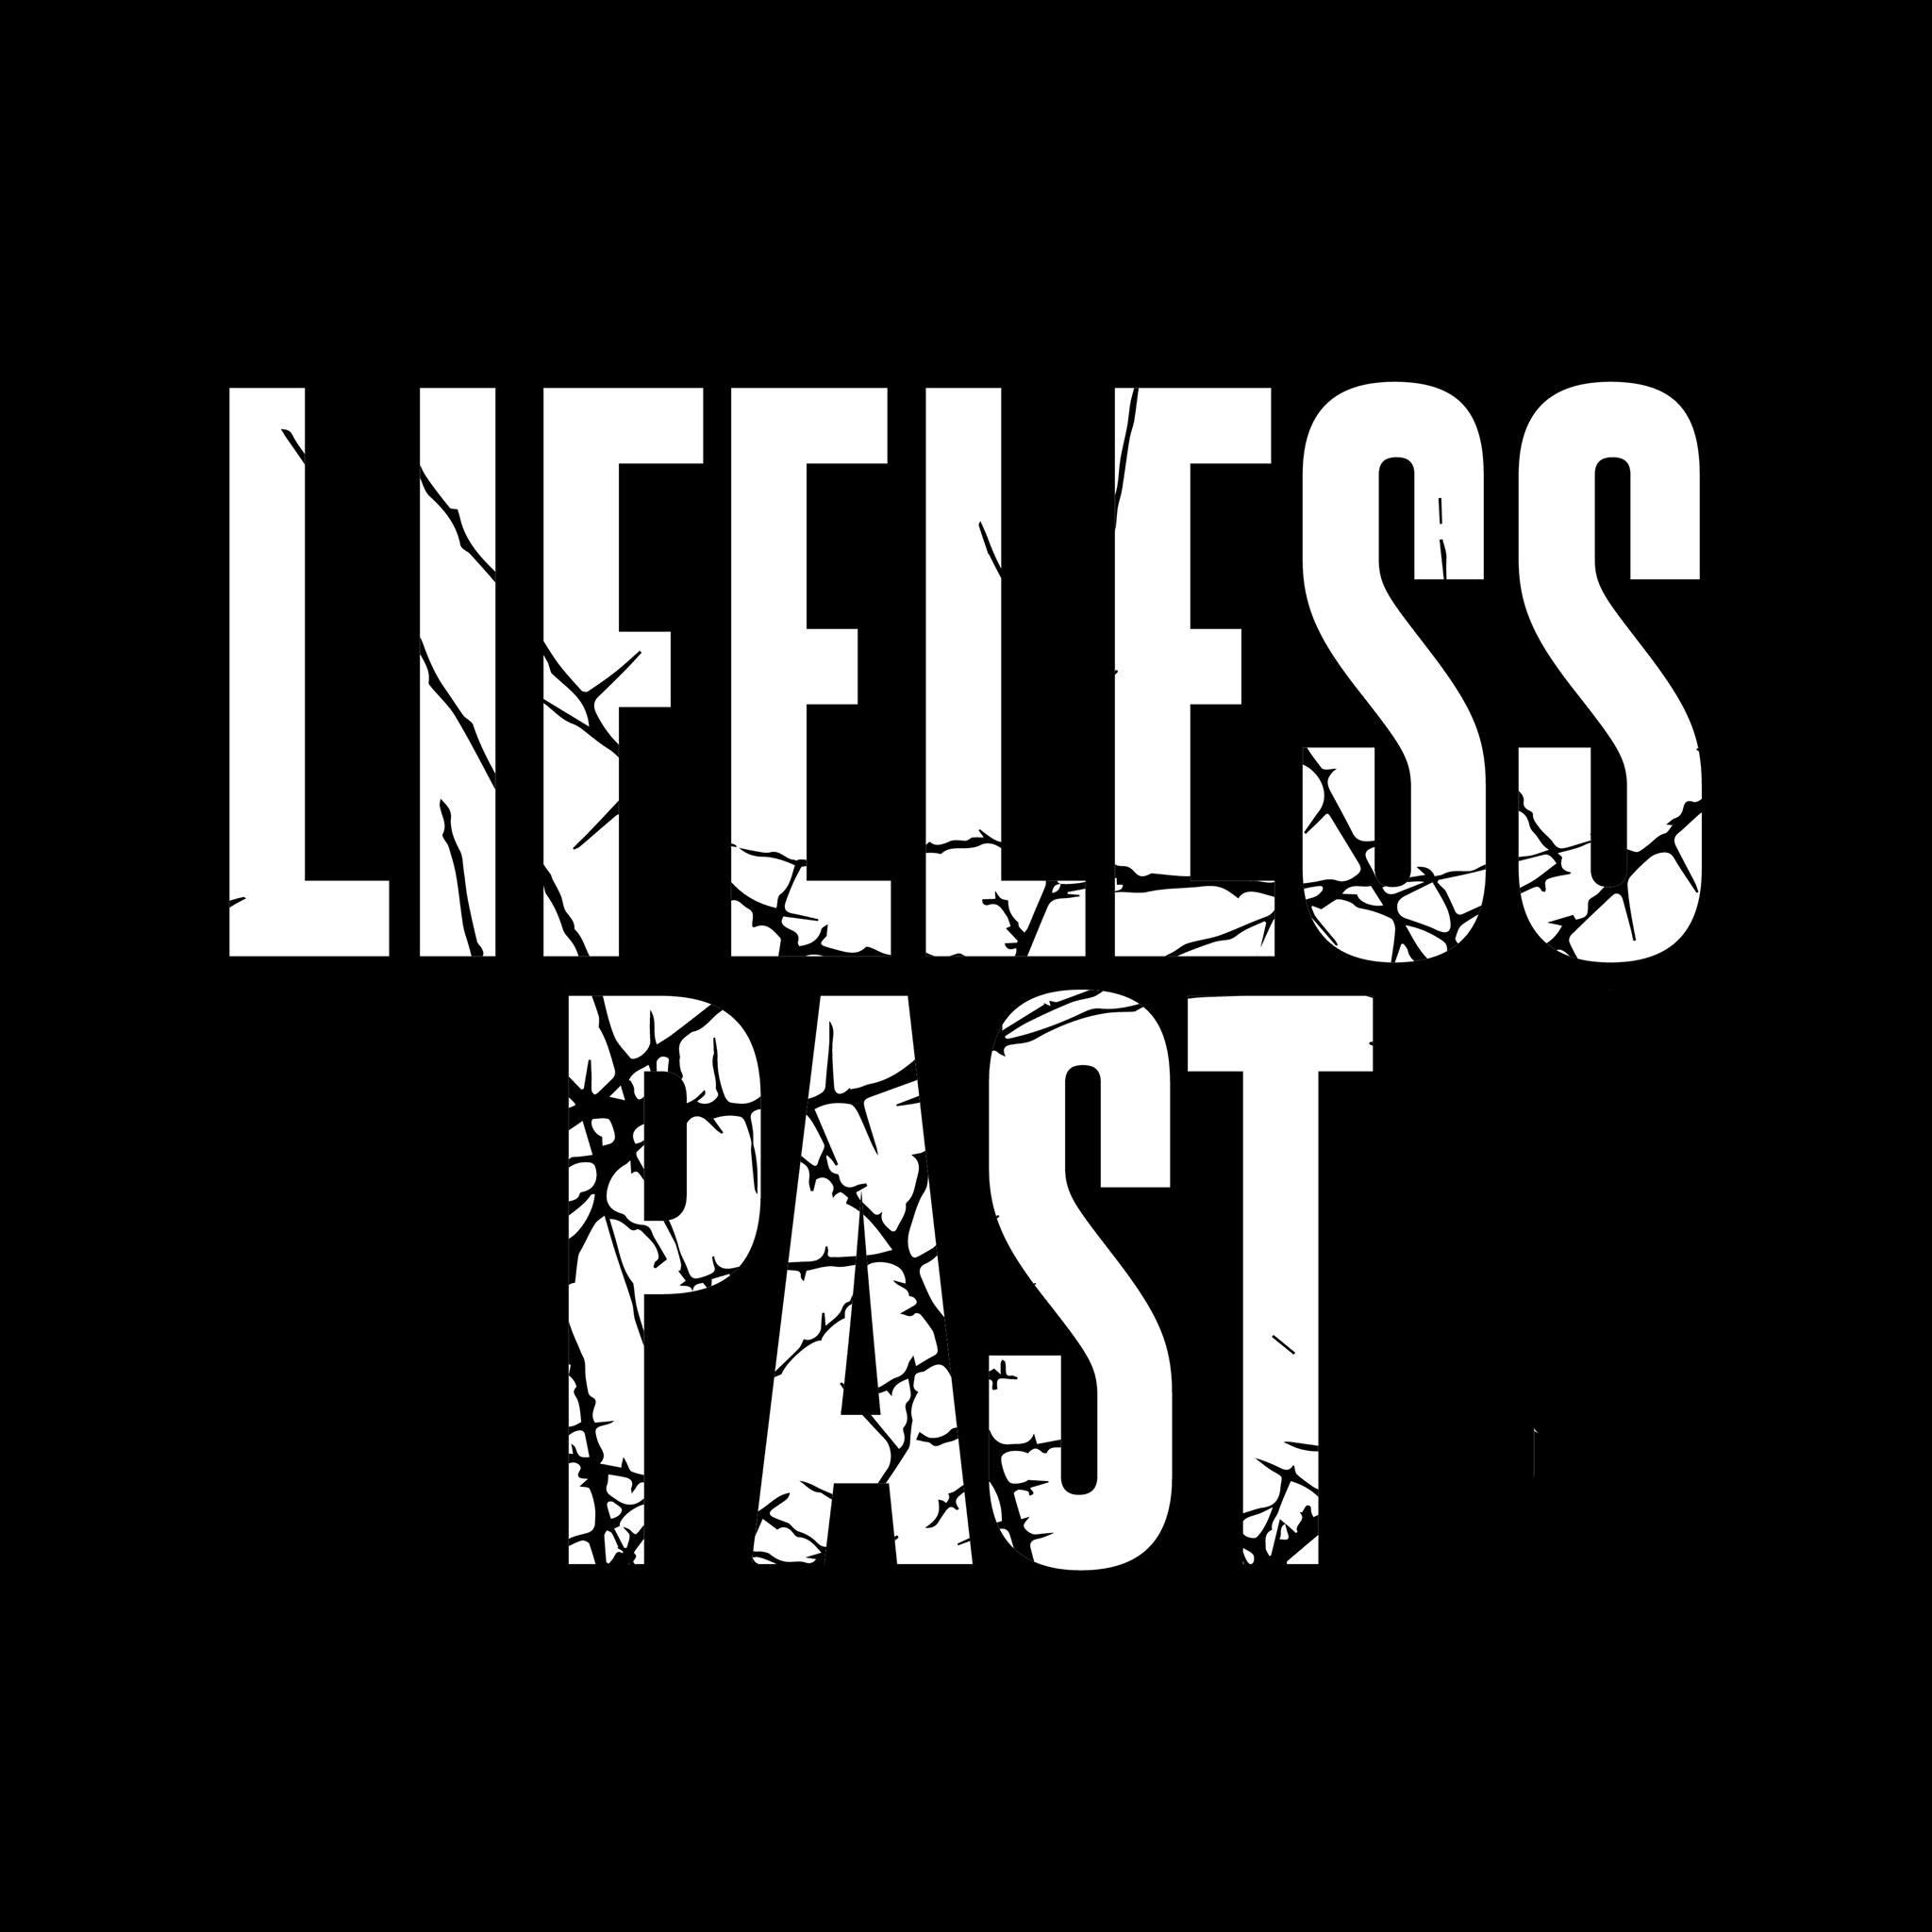 Lifeless Past